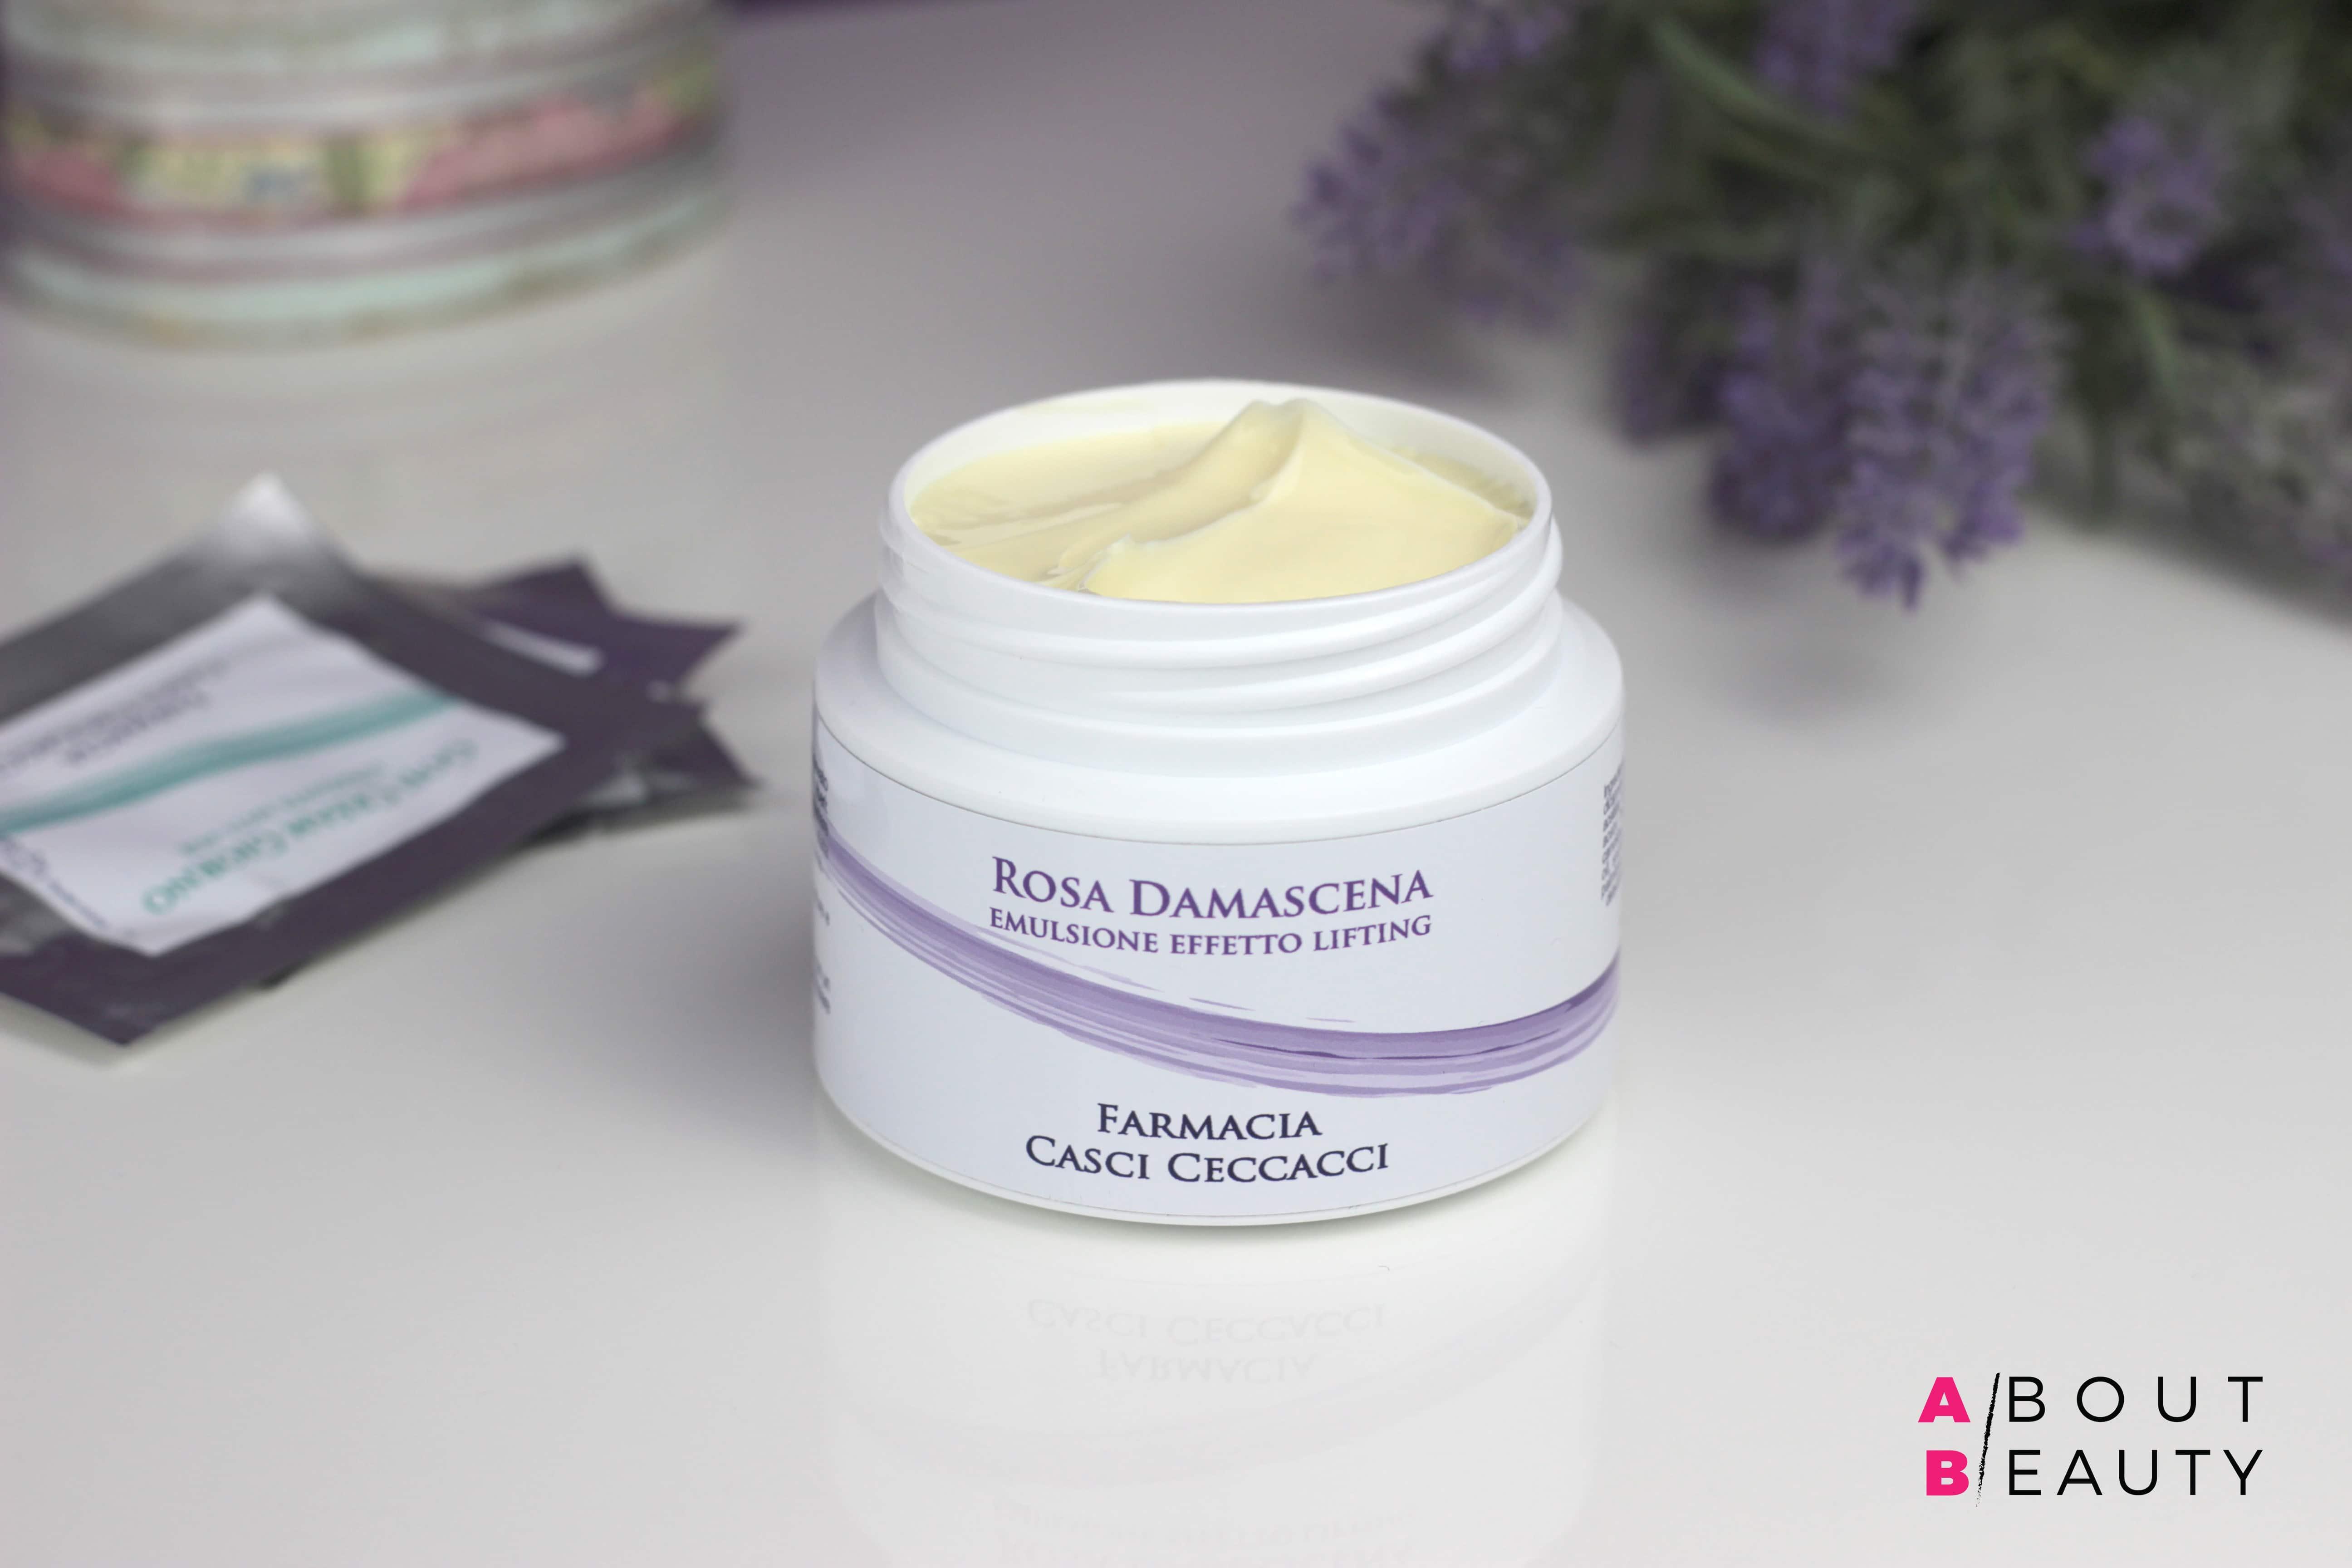 Farmacia Casci Ceccacci, Emulsione Lifting Rosa Damascena - Info, foto, recensione, prezzo